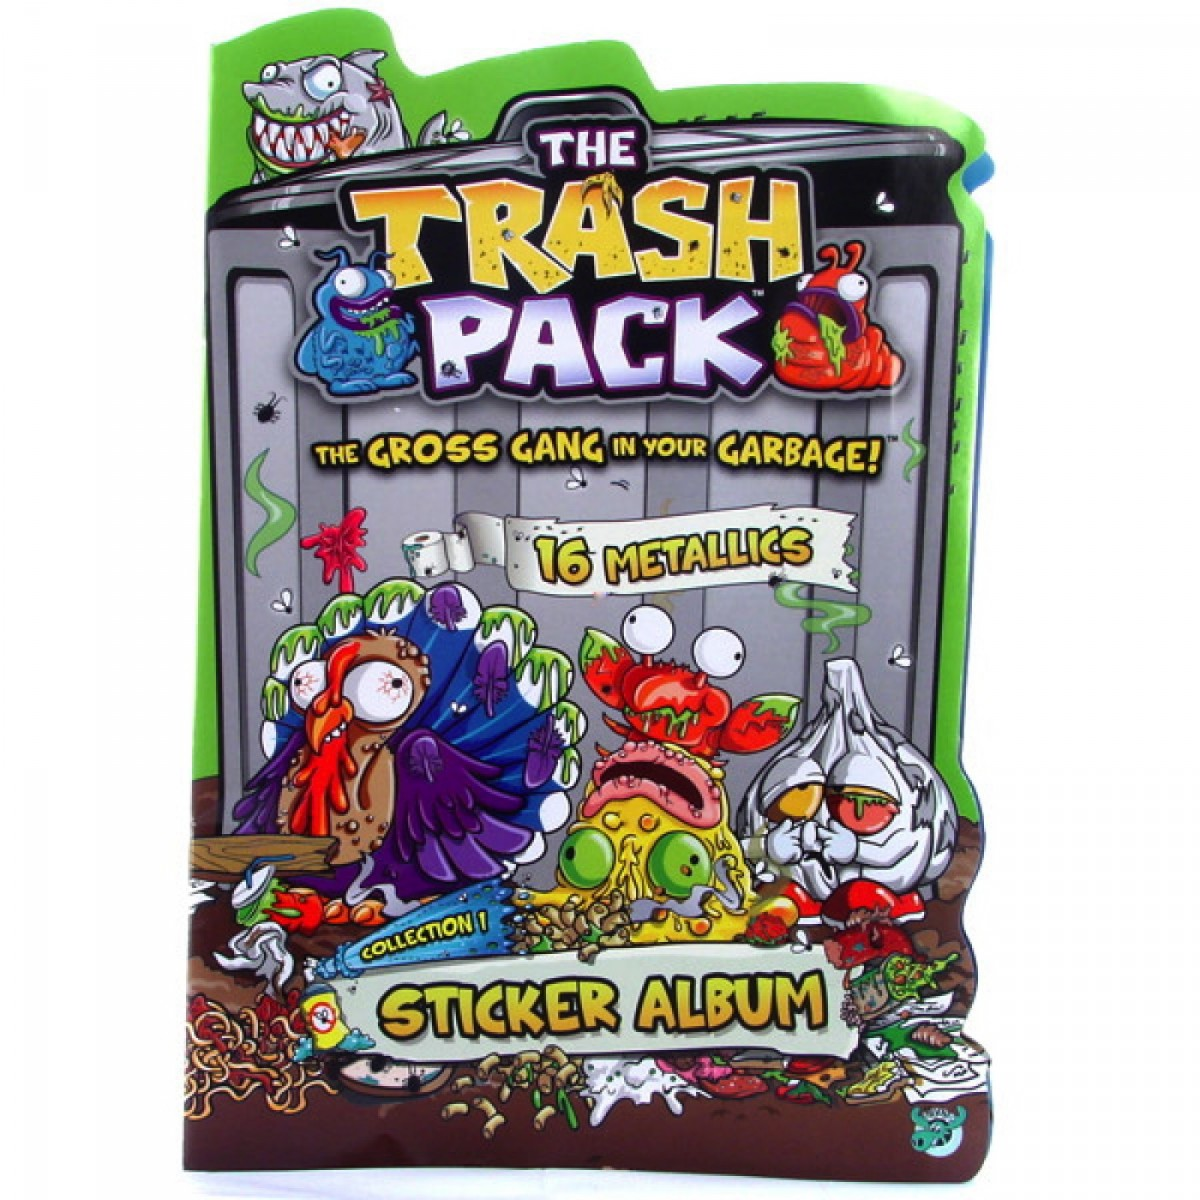 11eceaddb3 Trash Pack - Kukabúvárok matricagyűjtő album - - TRASH PACK ...